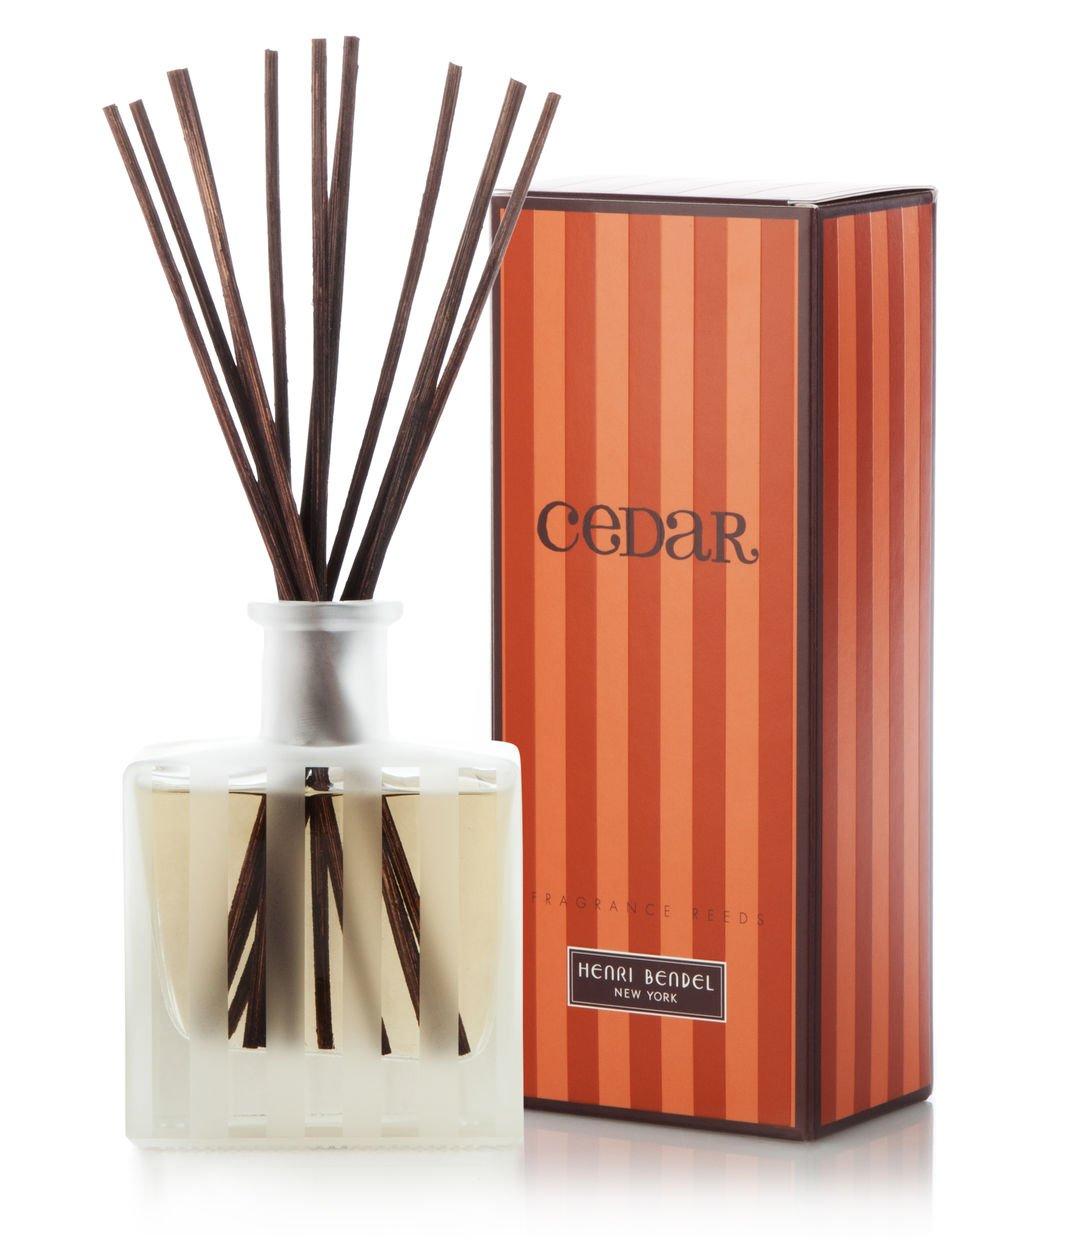 Henri Bendel Cedar Fragrance Reeds Diffuser 3.4 Oz、贅沢なのギフトに B01EQIY1PG